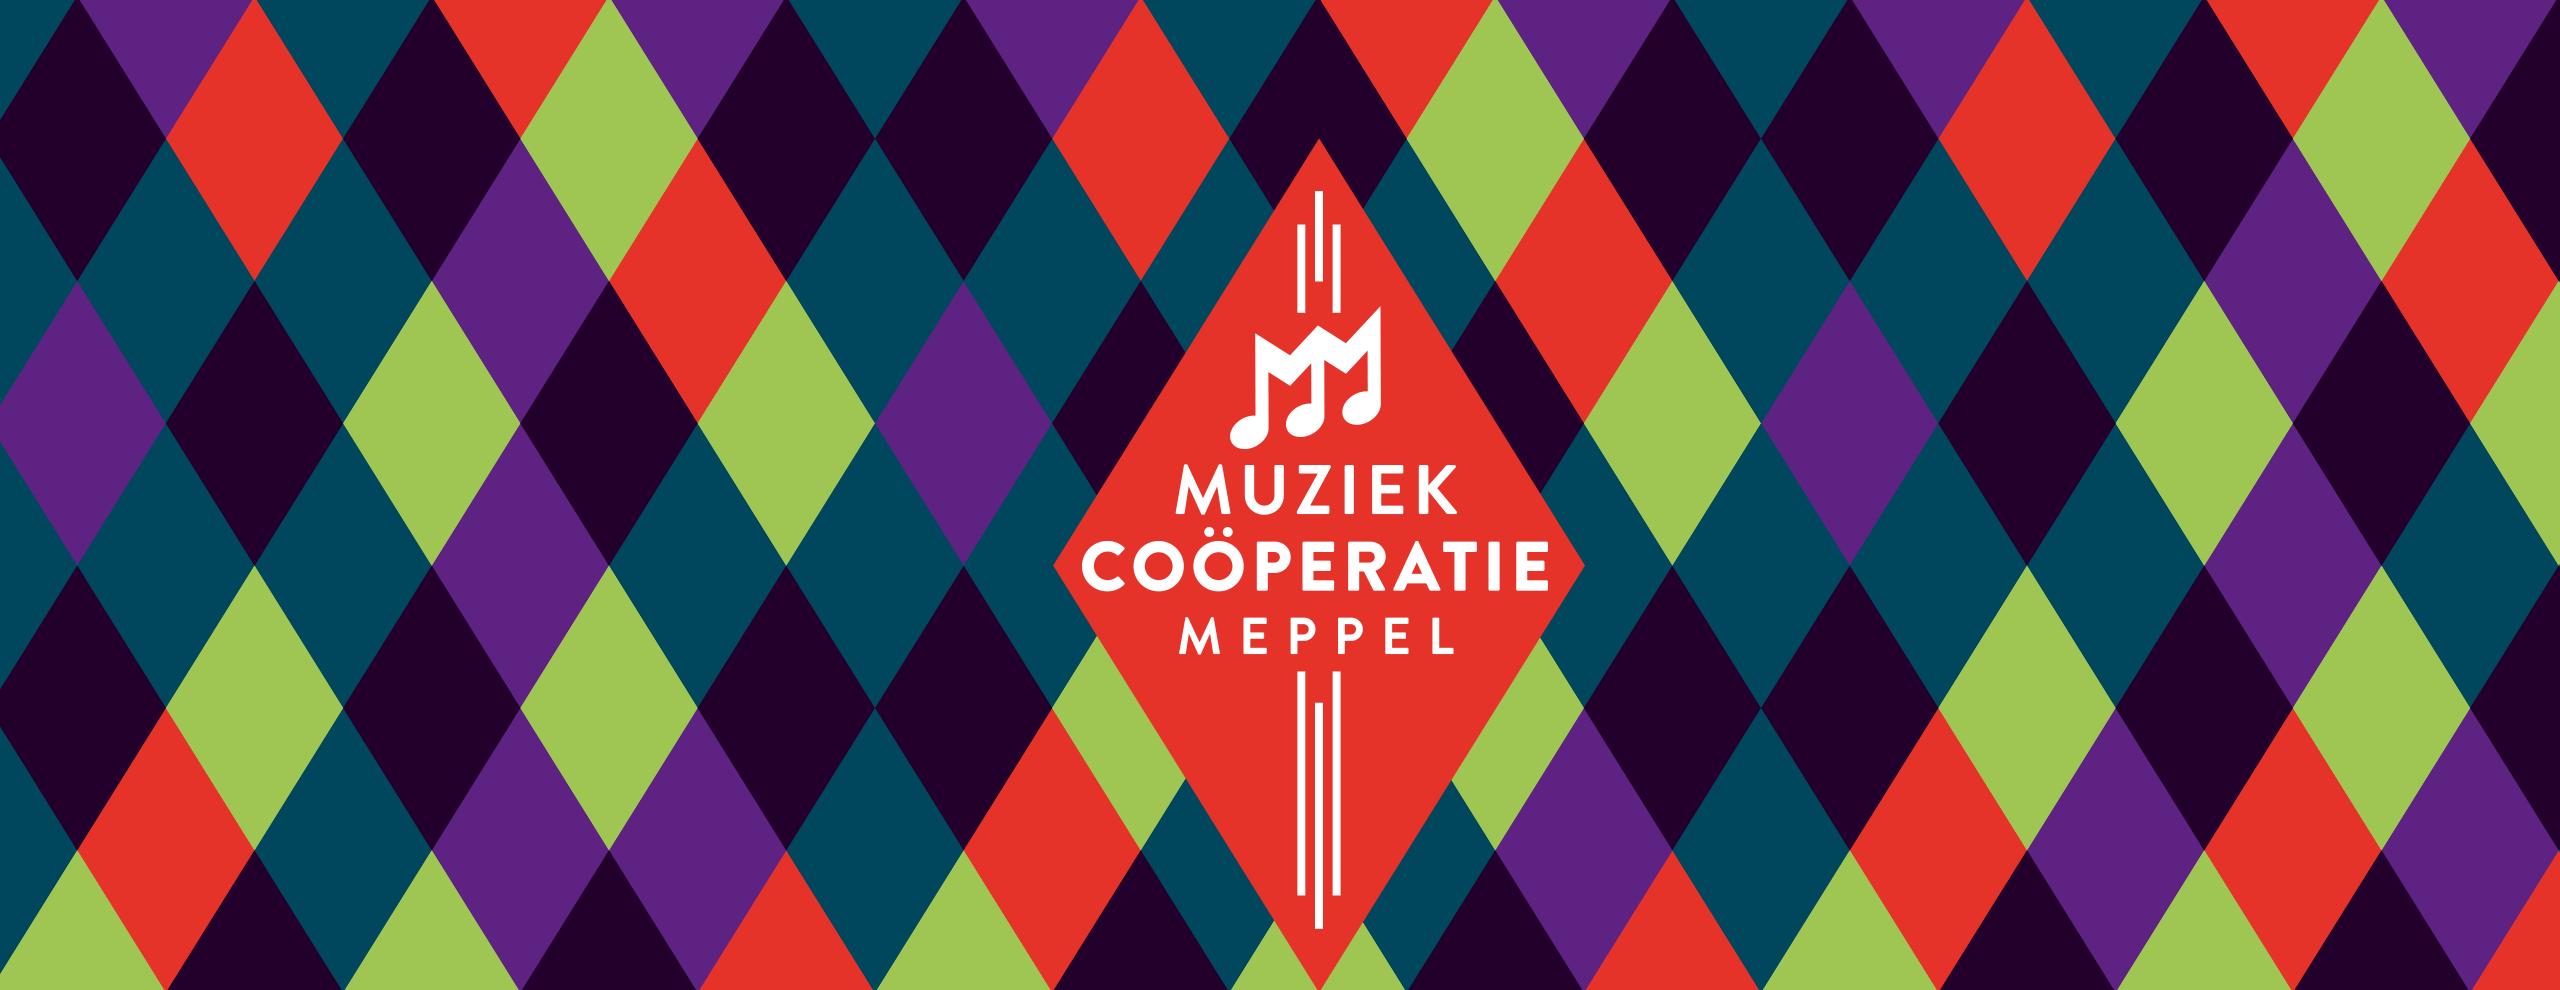 muziekcooperatie-banner-2560